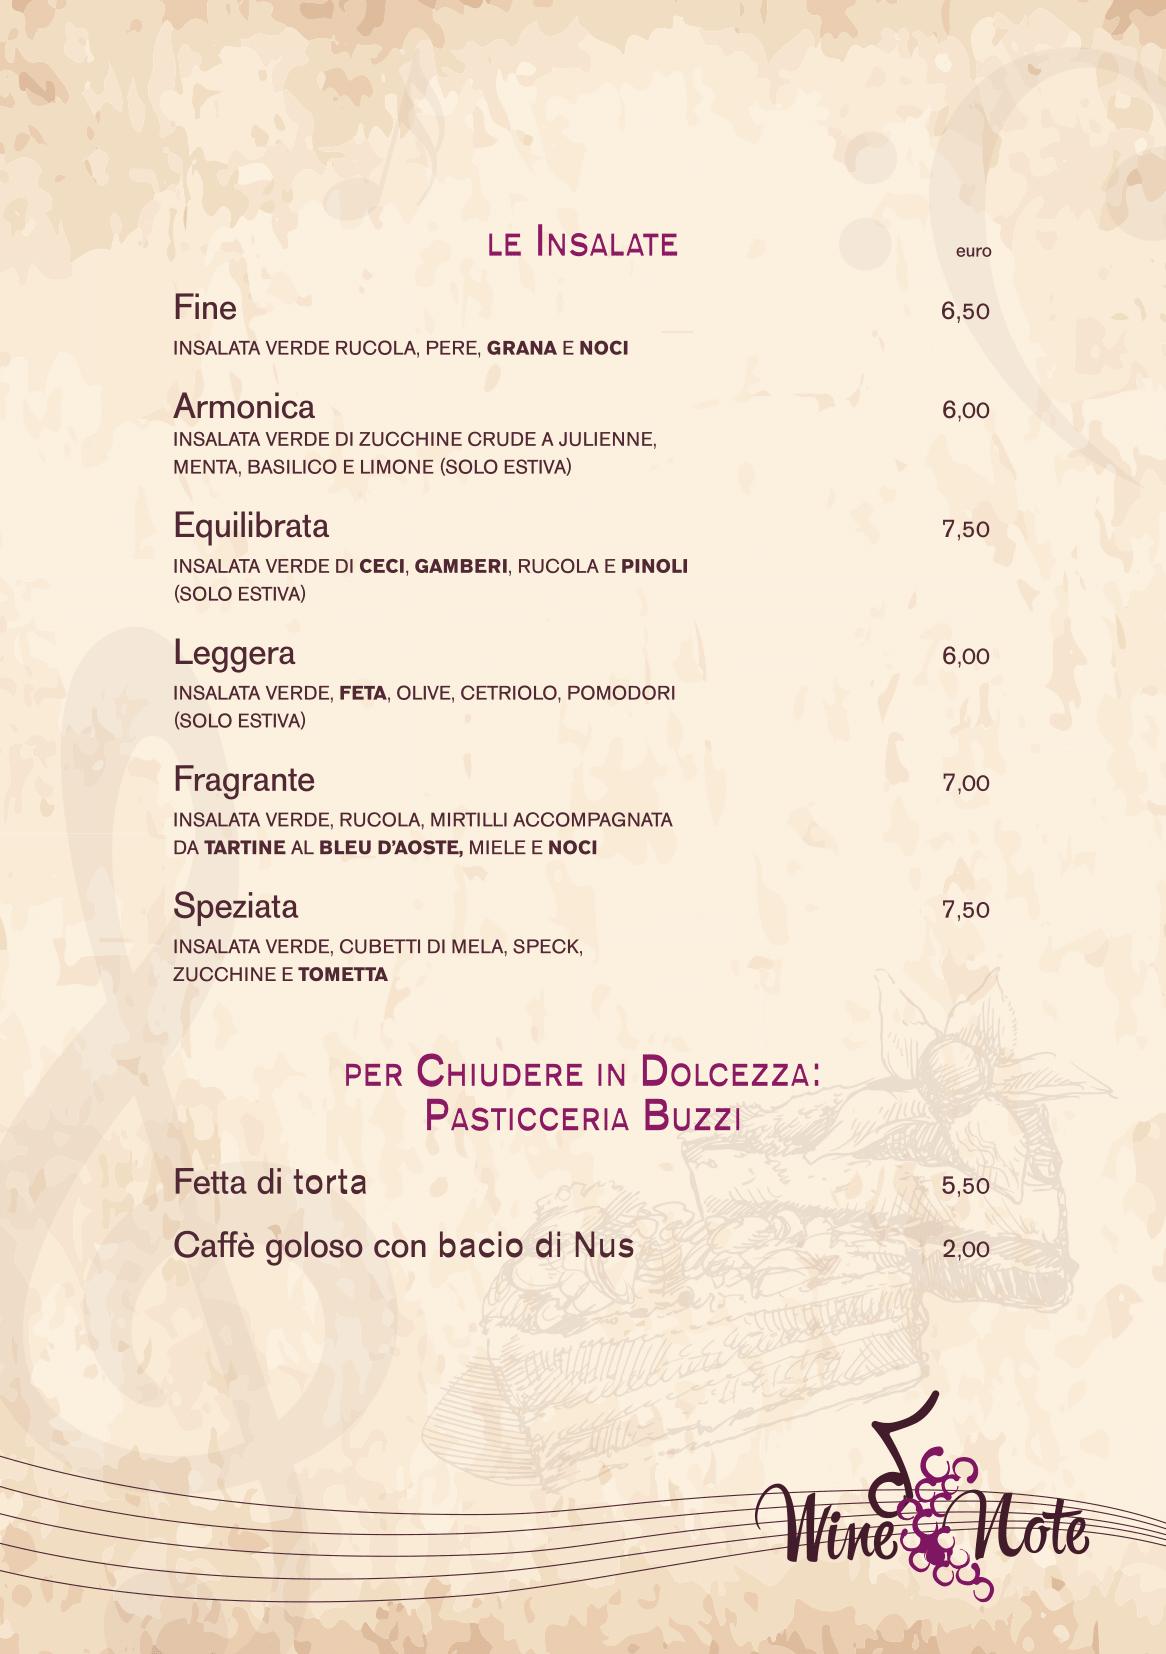 Wine note menu e vini A5-05